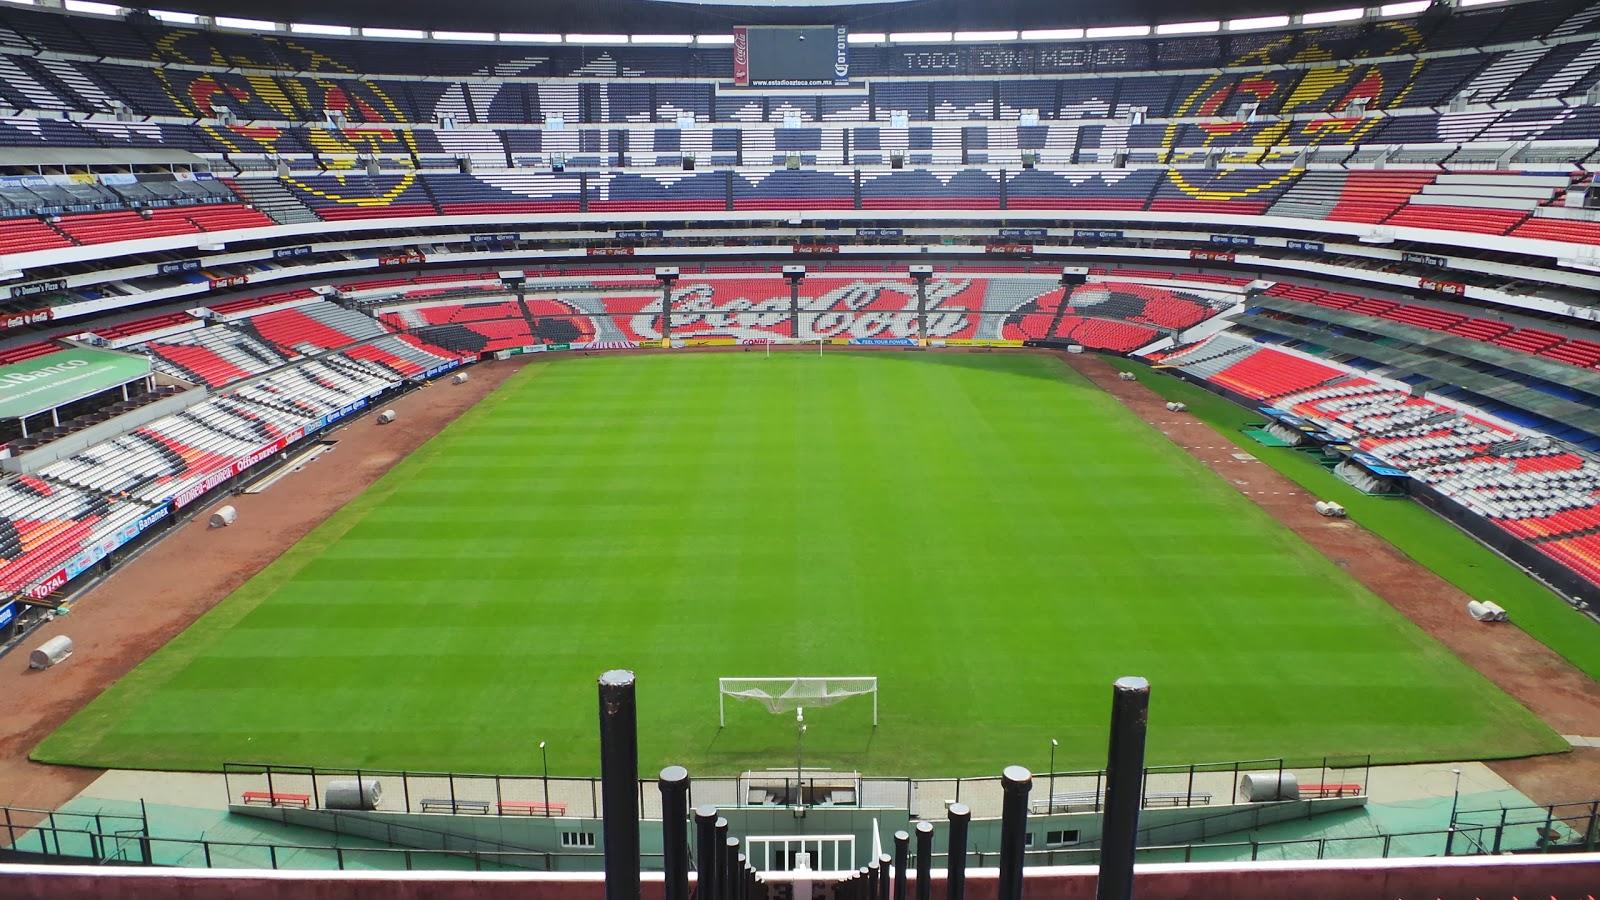 Mewah dan Besar, ini 5 Stadion Sepak Bola Terbesar di Dunia